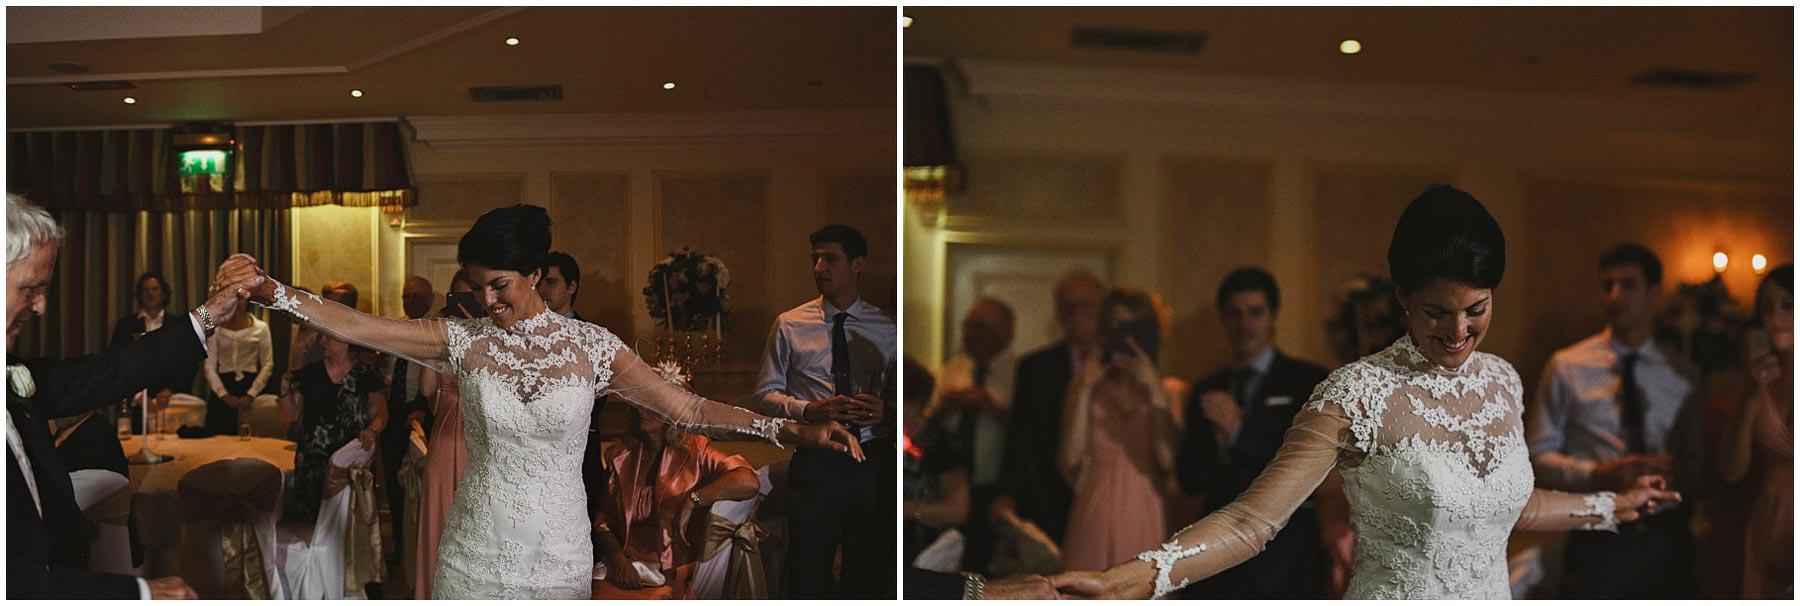 Wentbridge-House-Wedding-Photography-133